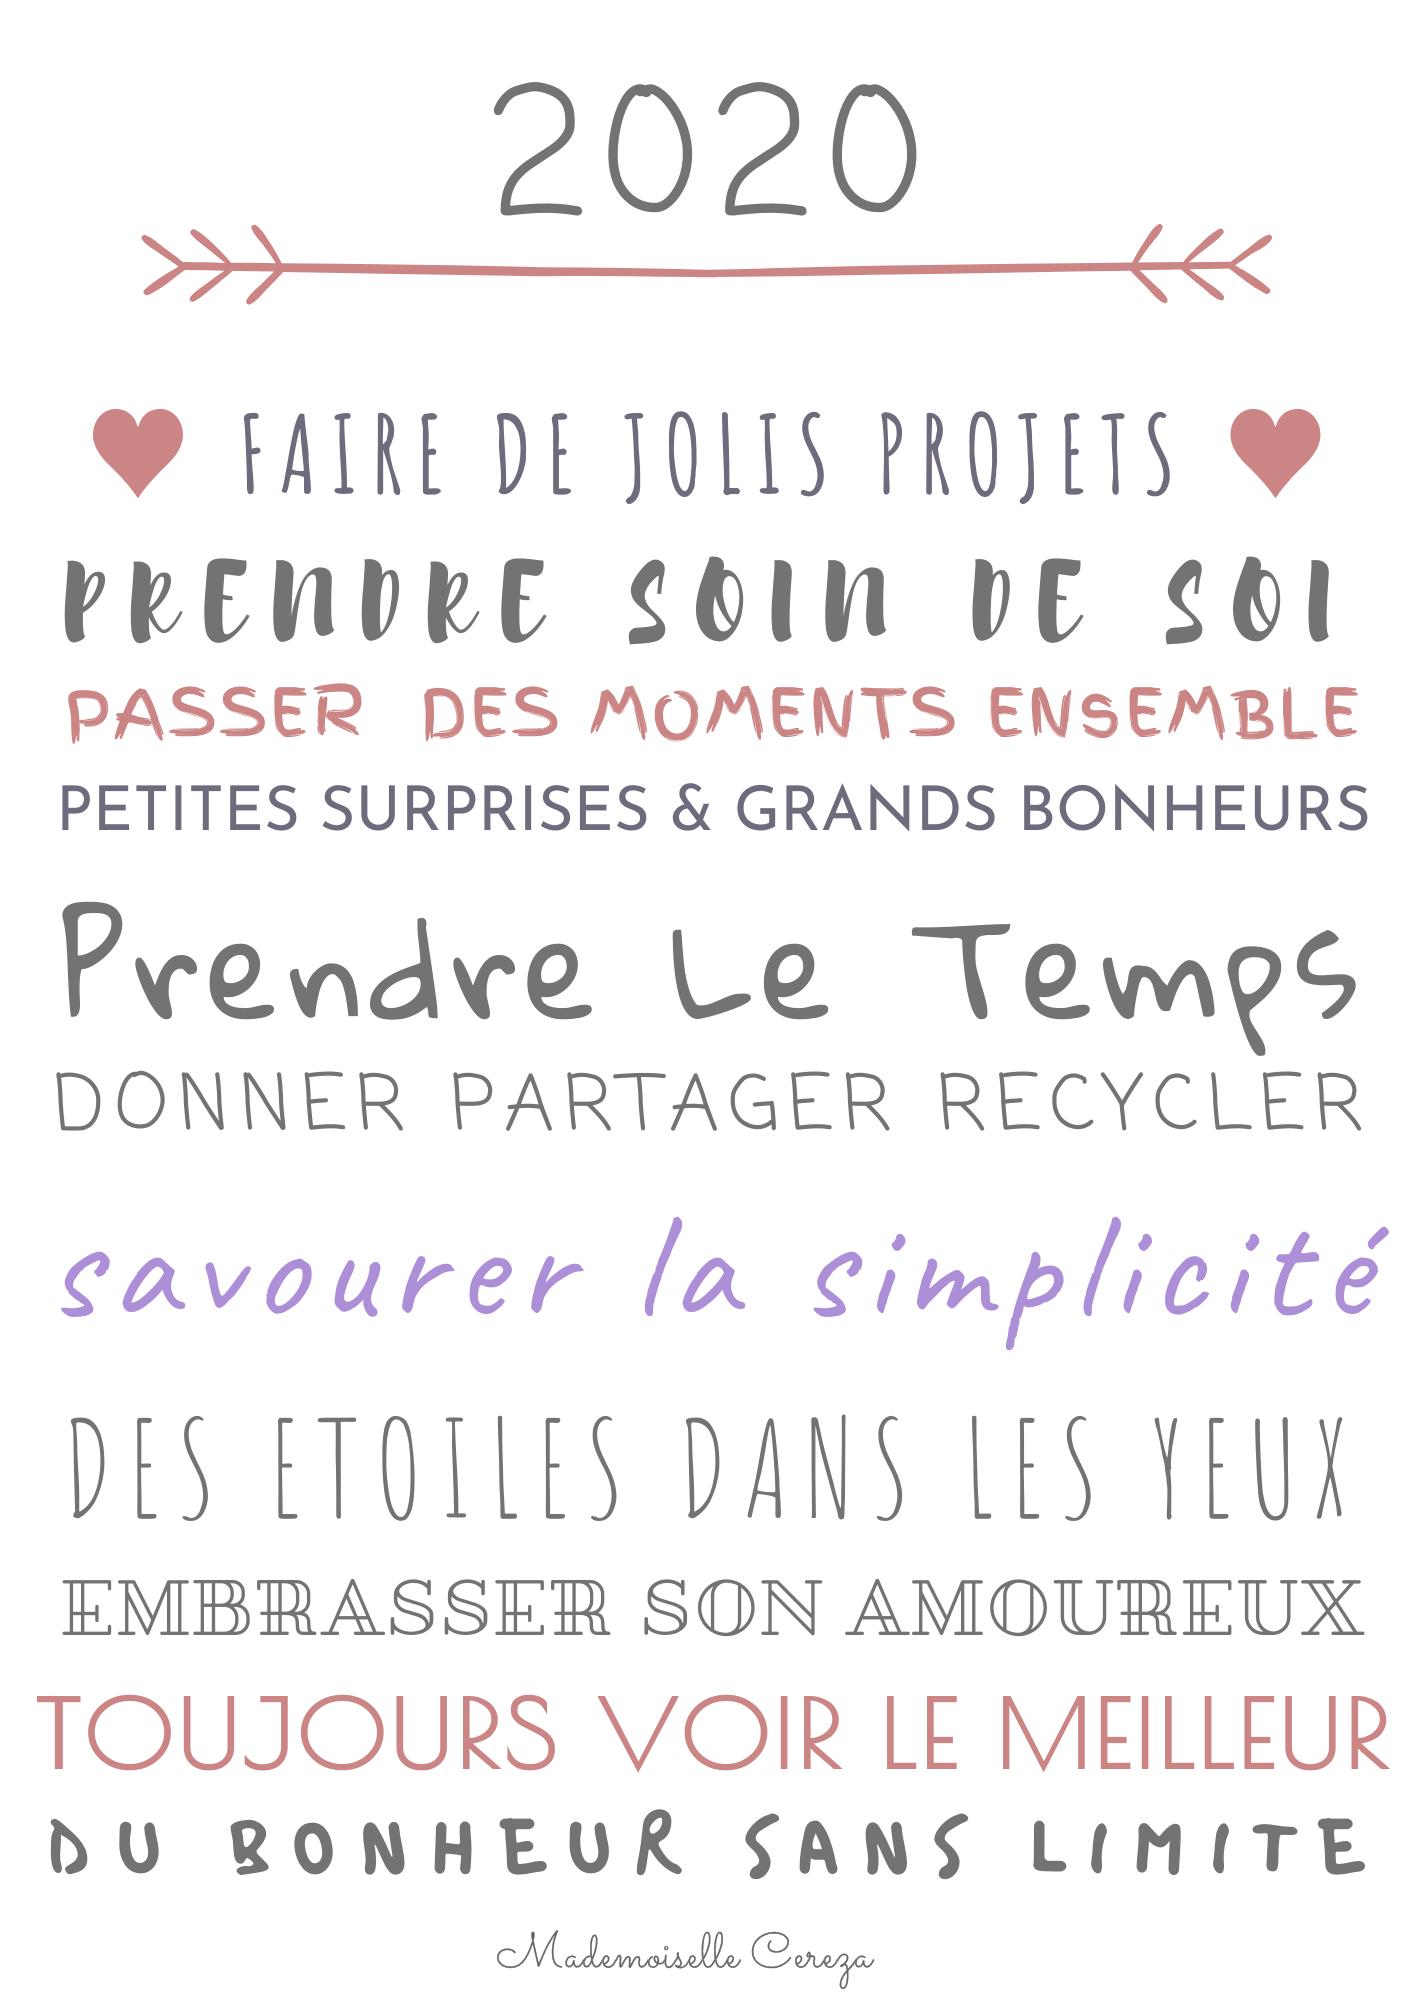 Voeux De Bonheur Carte De Voeux A Imprimer Melle Cereza Blog Mariage Original